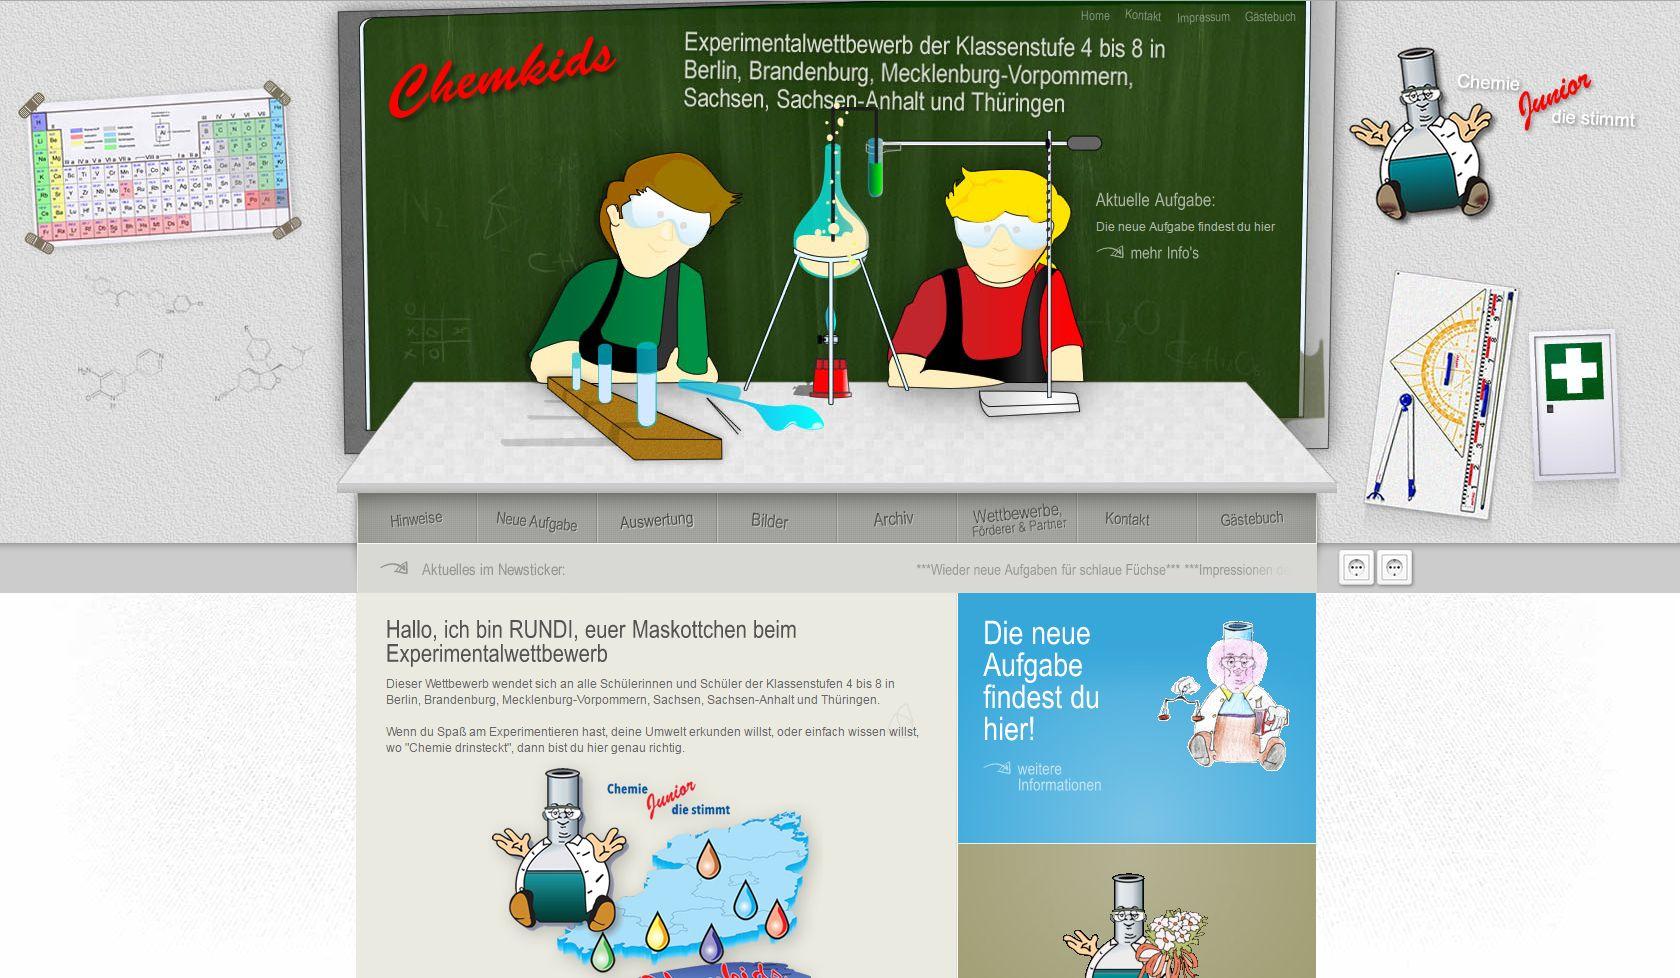 Der Chemkids-Wettbewerb begeistert Schüler mit spannenden Alltagsexperimenten